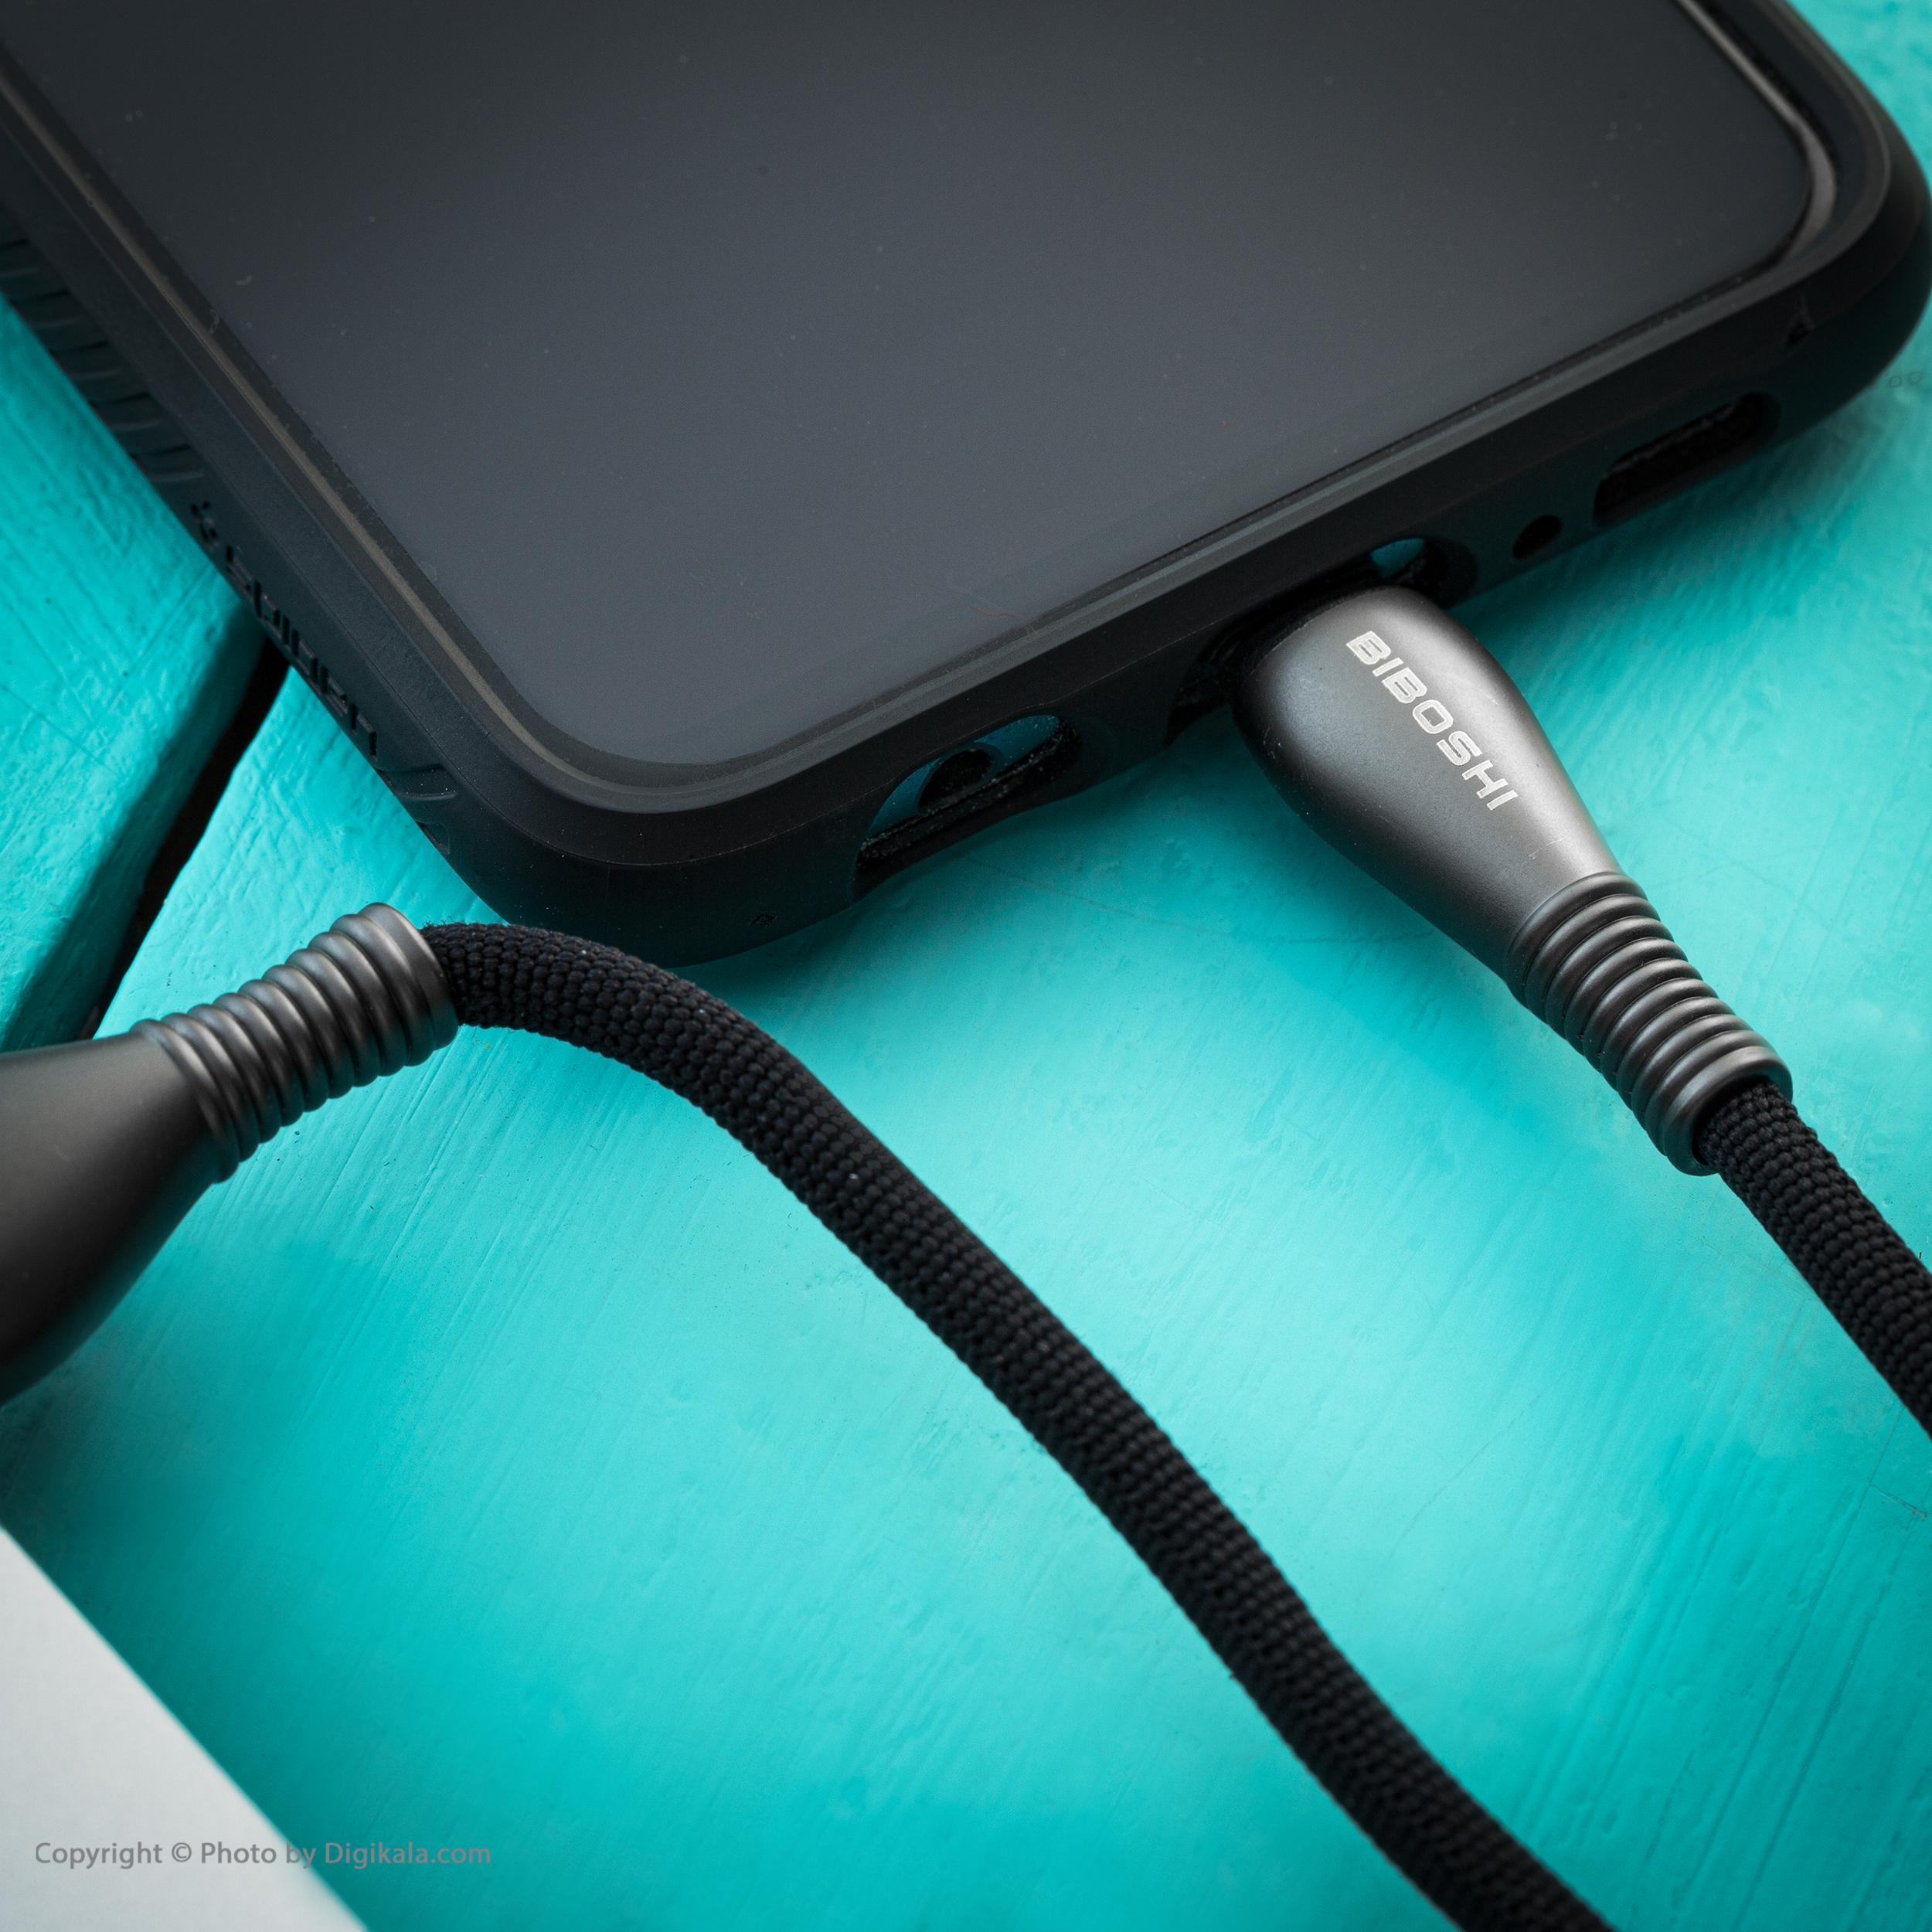 کابل تبدیل USB به USB-C بیبوشی مدل A05 طول 1 متر